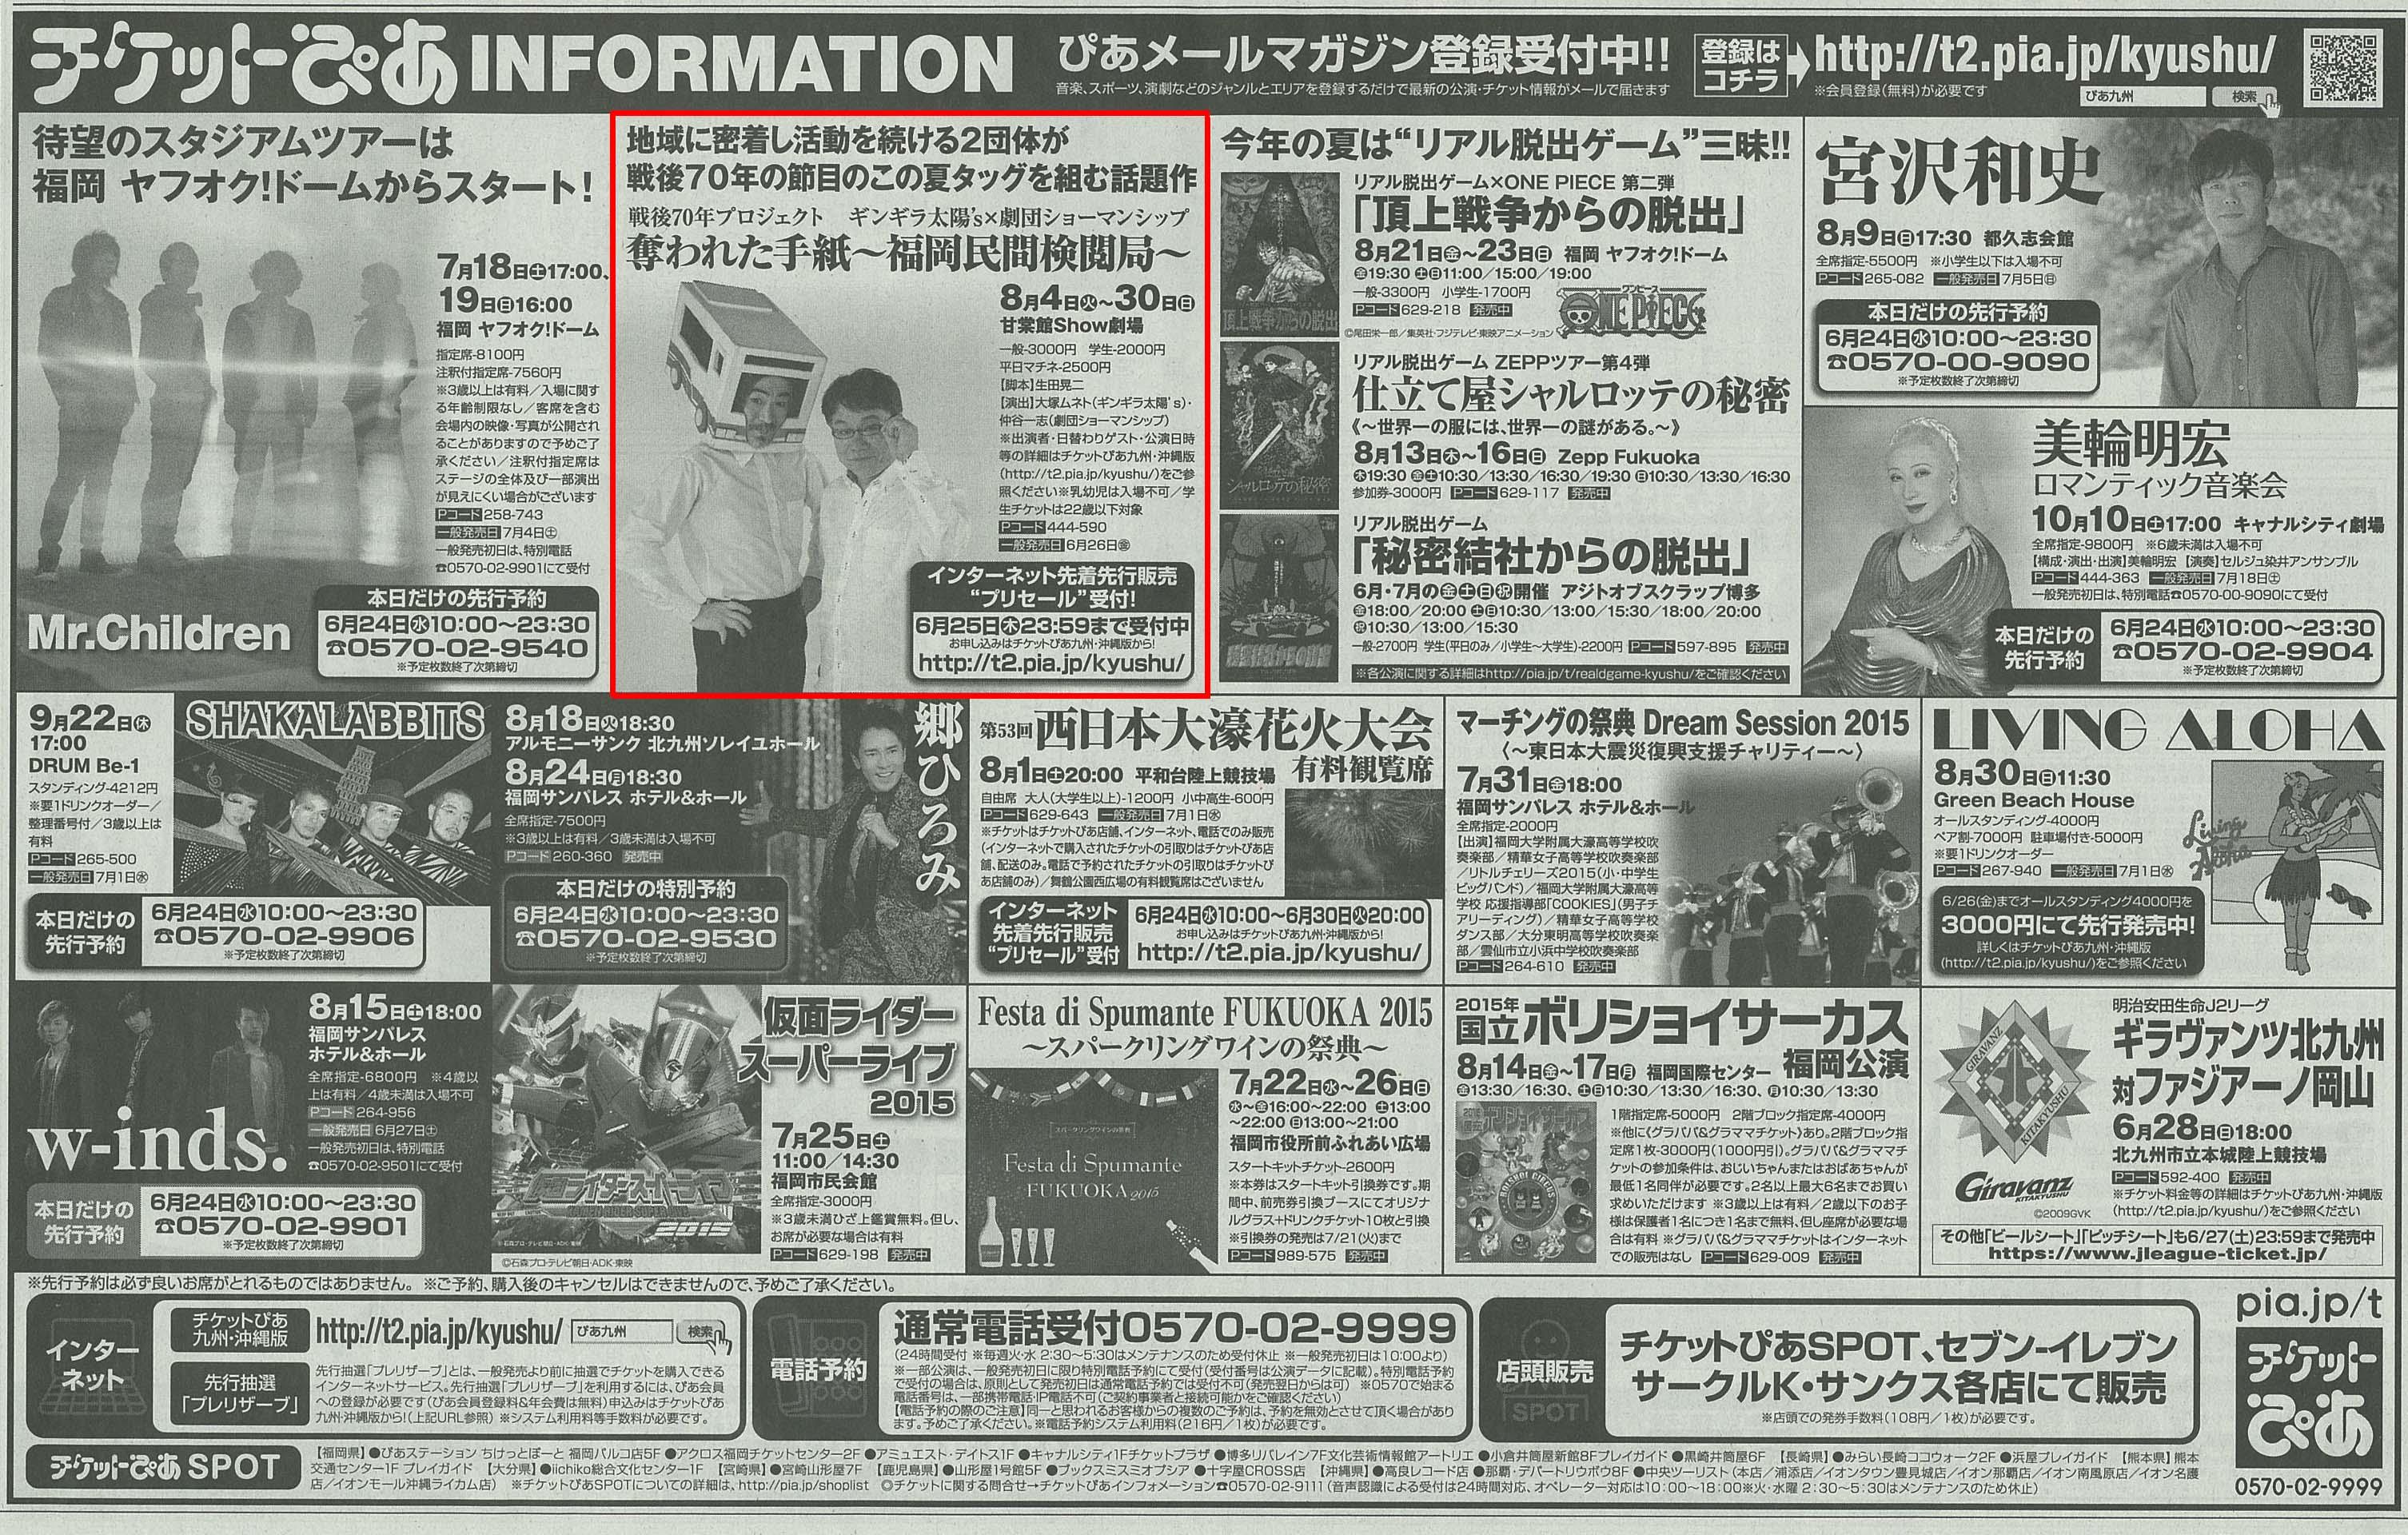 2015年6月24日(水)西日本新聞 朝刊 チケットぴあ